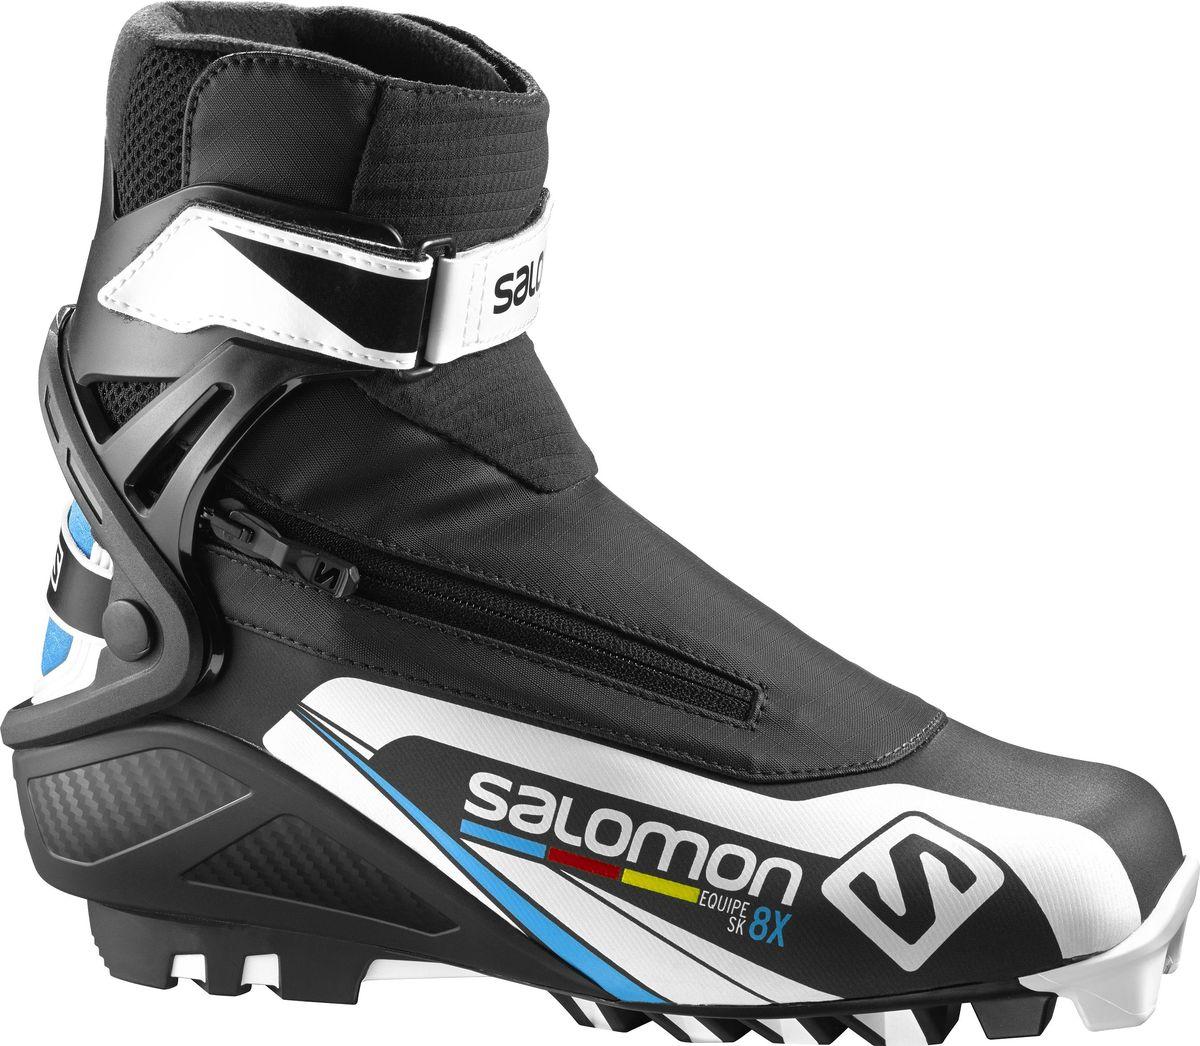 Ботинки для беговых лыж Salomon Equipe 8X Skate, цвет: черный. Размер 11 (44,5)L39187800В ботинках Salomon Equipe 8X Skate совмещены системы термоформовки Custom fit с инновационной раздельной системой быстрого шнурования для великолепного комфорта. Манжета Energyzer cuff обеспечит мощную и прогрессивную боковую поддержку. Ботинки созданы для любителей лыжного спорта, ценящих рабочие характеристики и желающих приобрести ботинки по доступной цене.